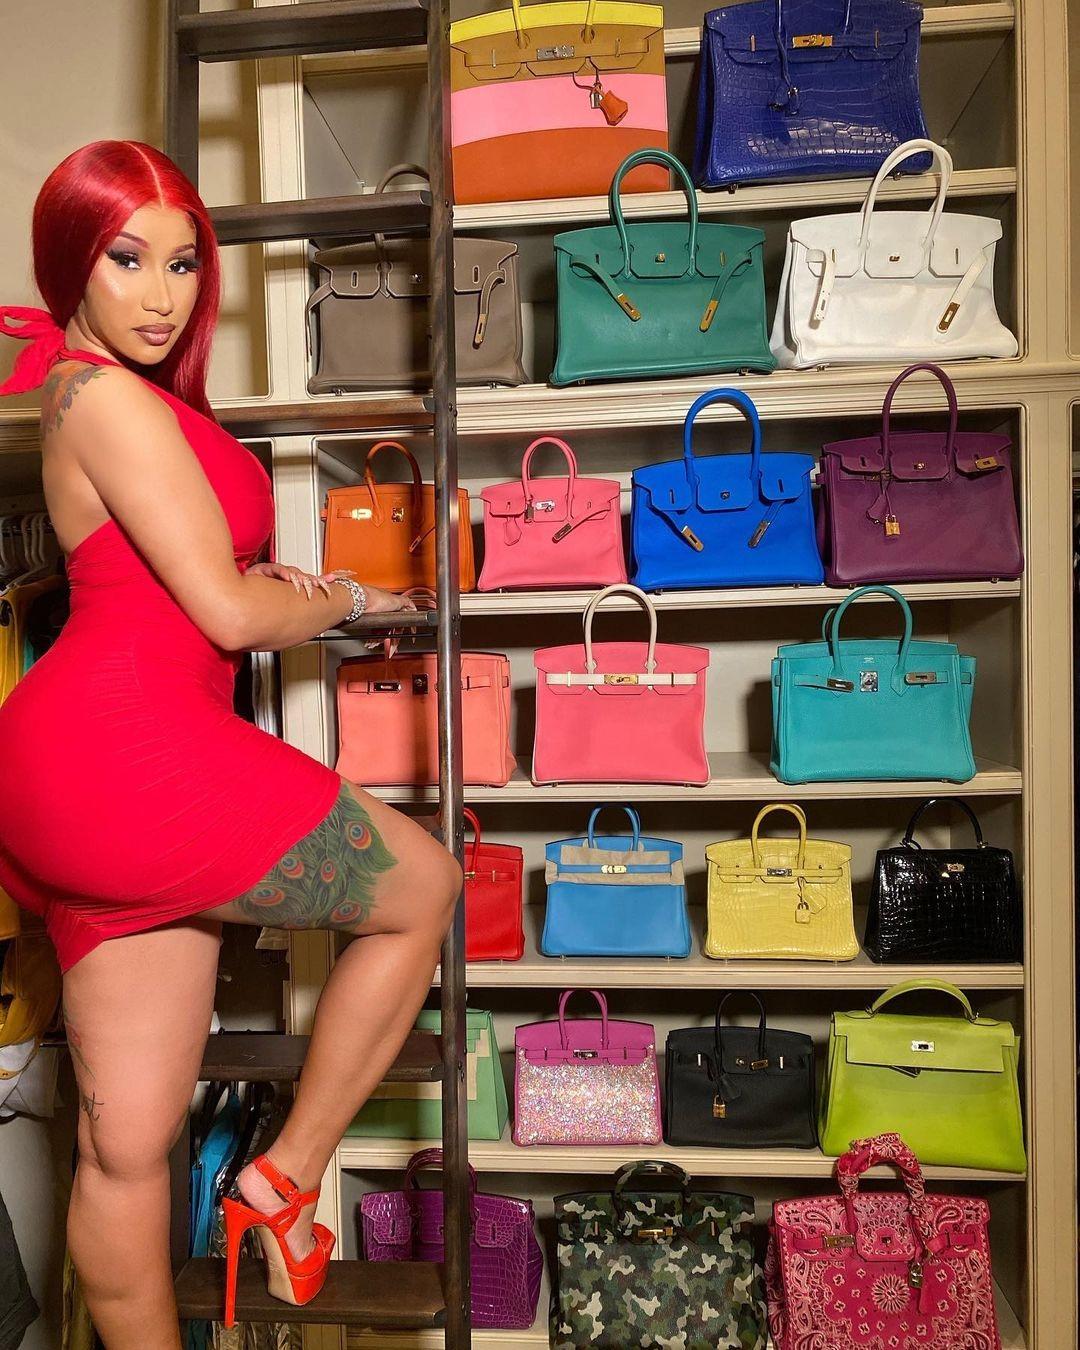 Cardi B com sua coleção de bolsas Birkin (Foto: Reprodução / Instagram)